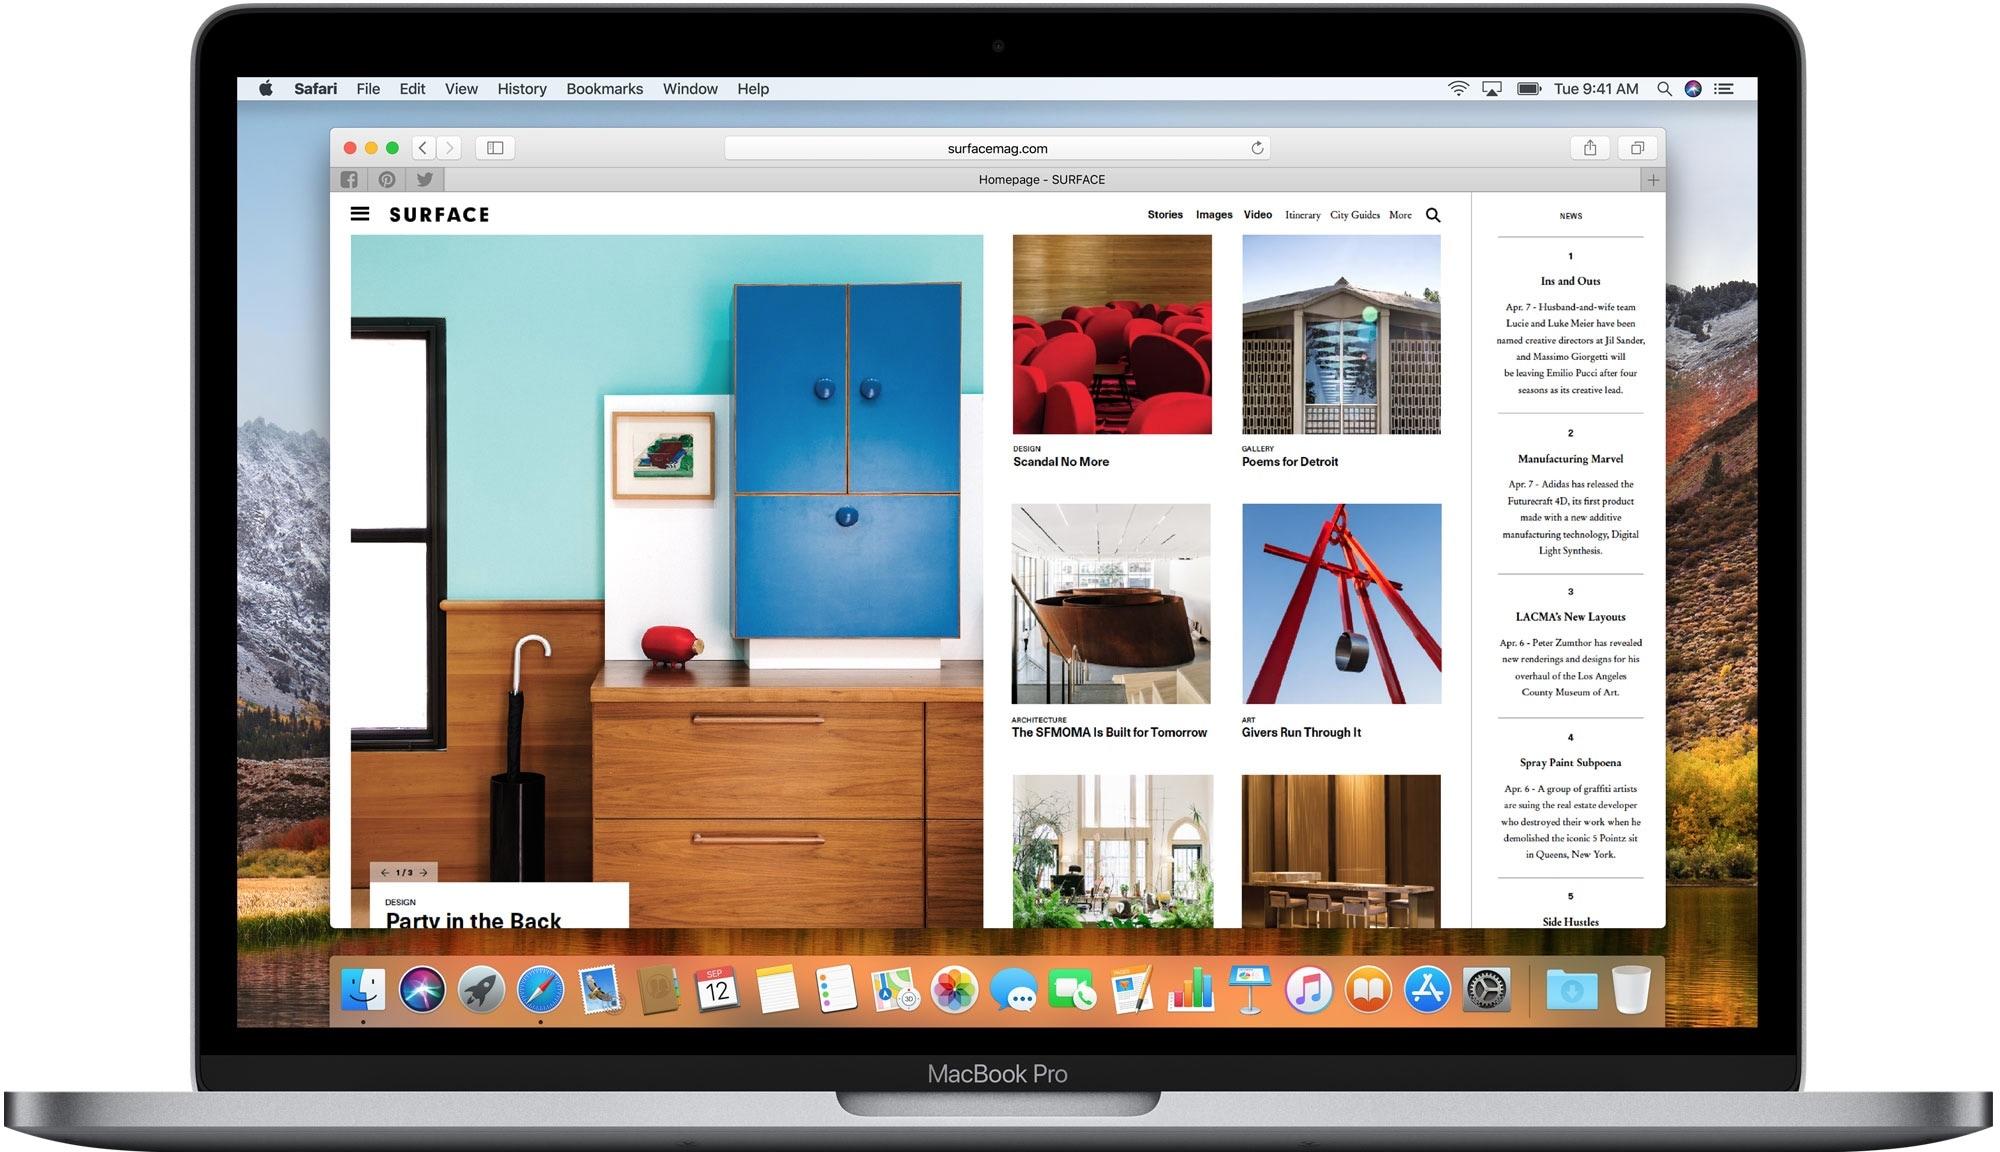 Safari no macOS High Sierra 10.13